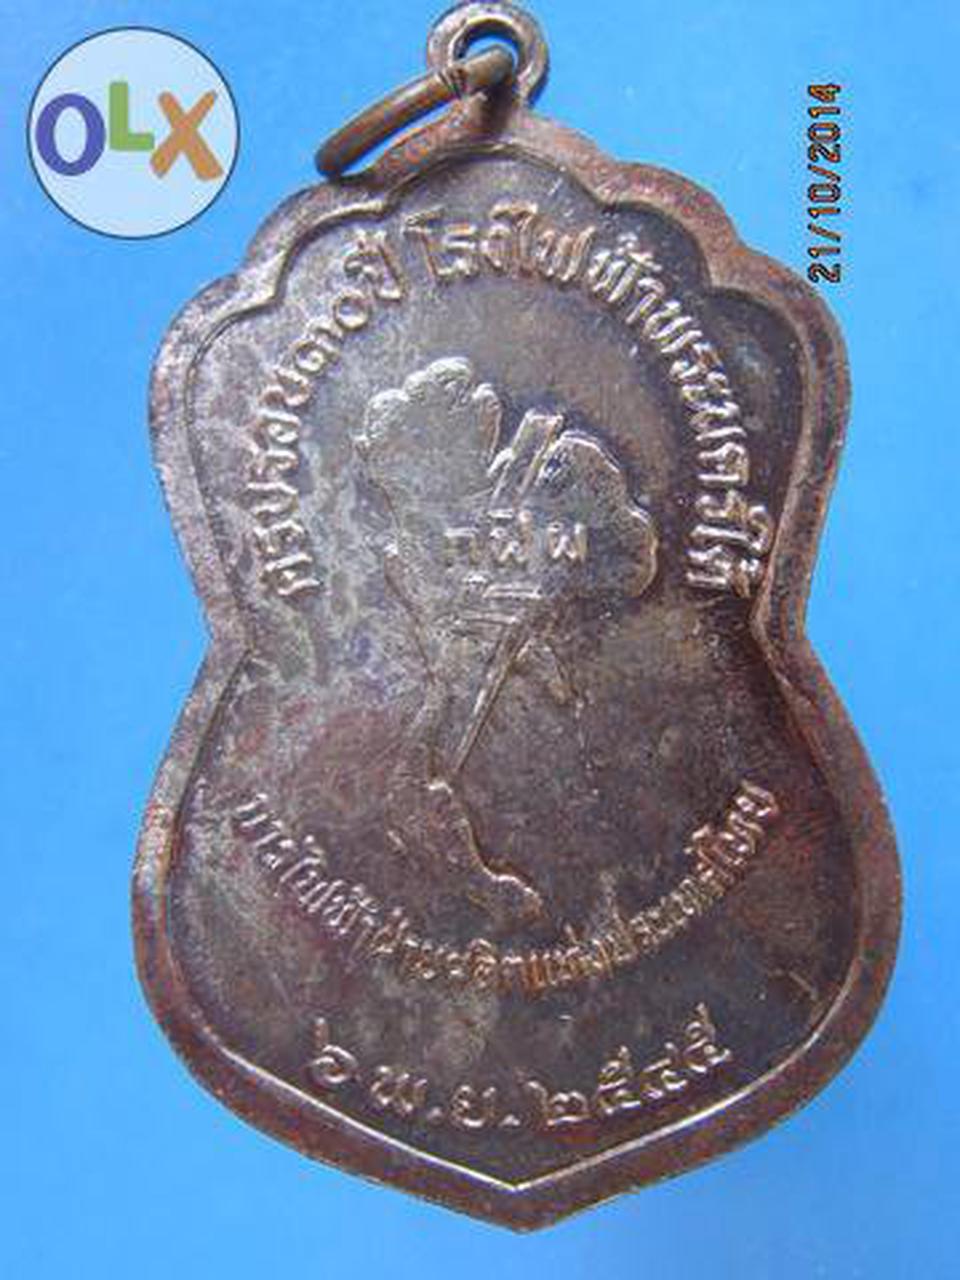 619 เหรียญหลวงพ่อเจียม อติสโย วัดอินทราสุการาม  รุ่นครบรอบ 3 รูปที่ 3